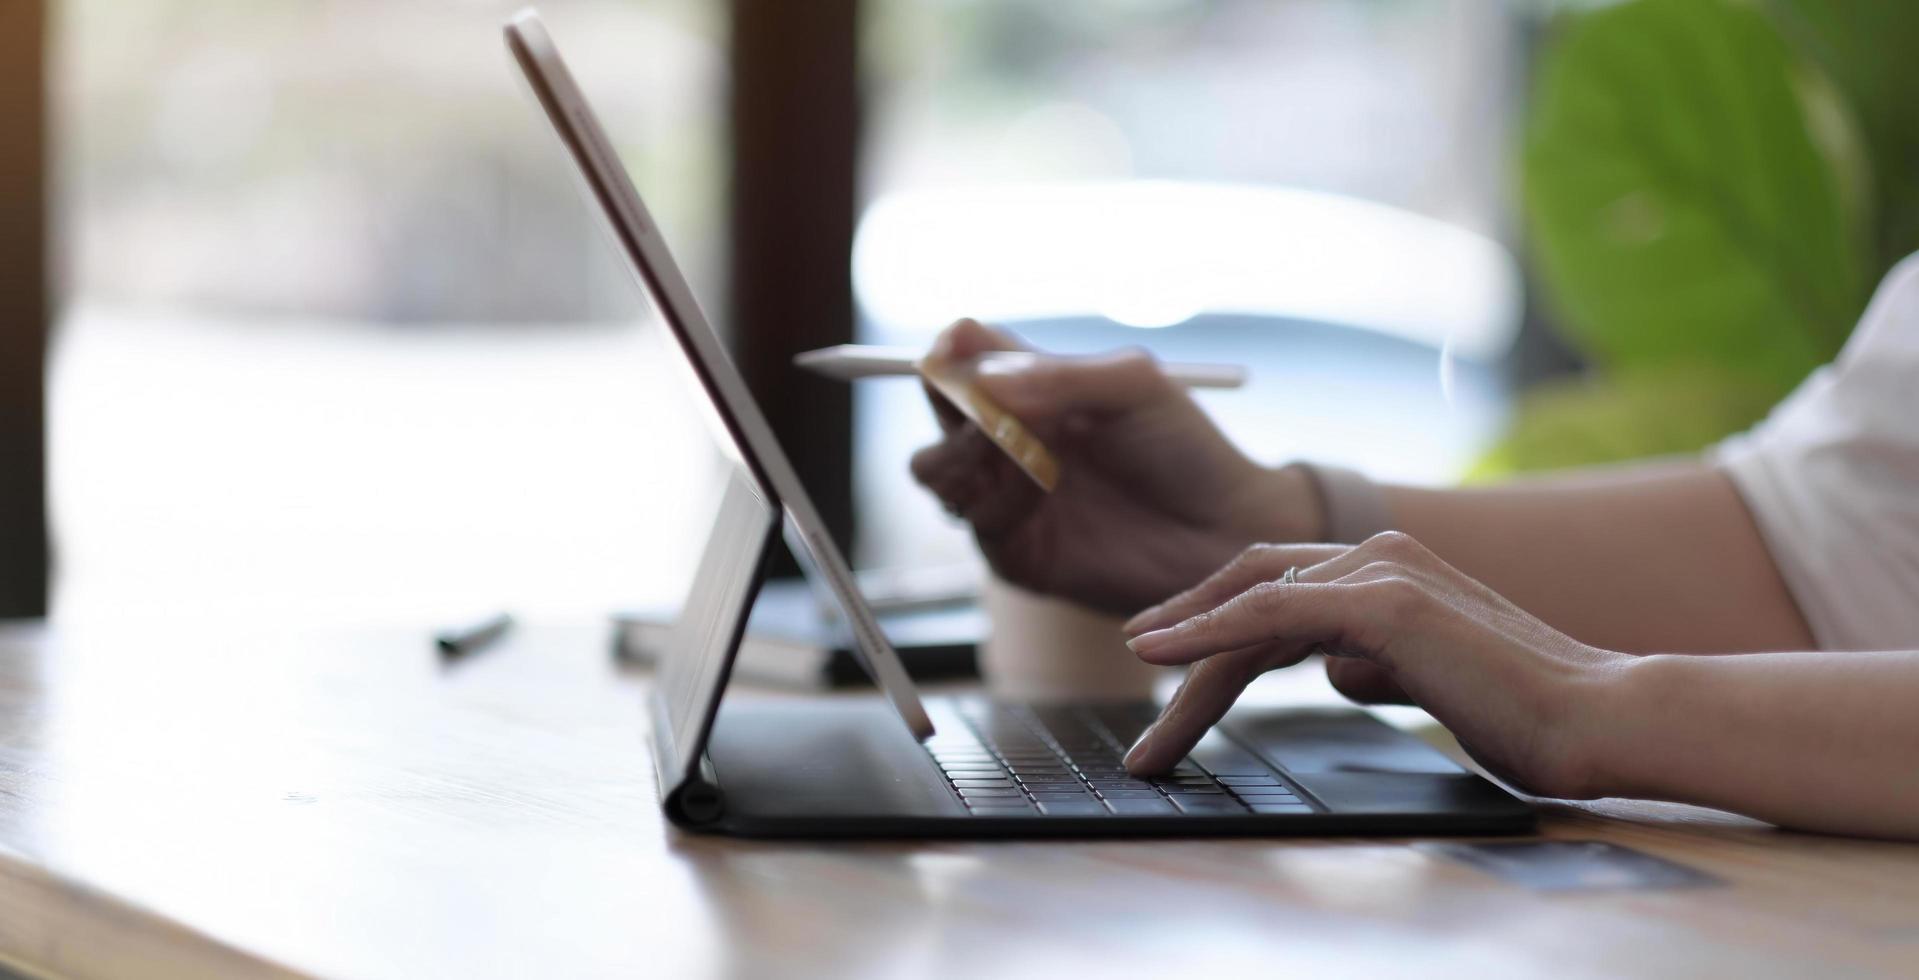 vrouw met laptop met rekenmachine en creditcard op tafel, online winkelen foto